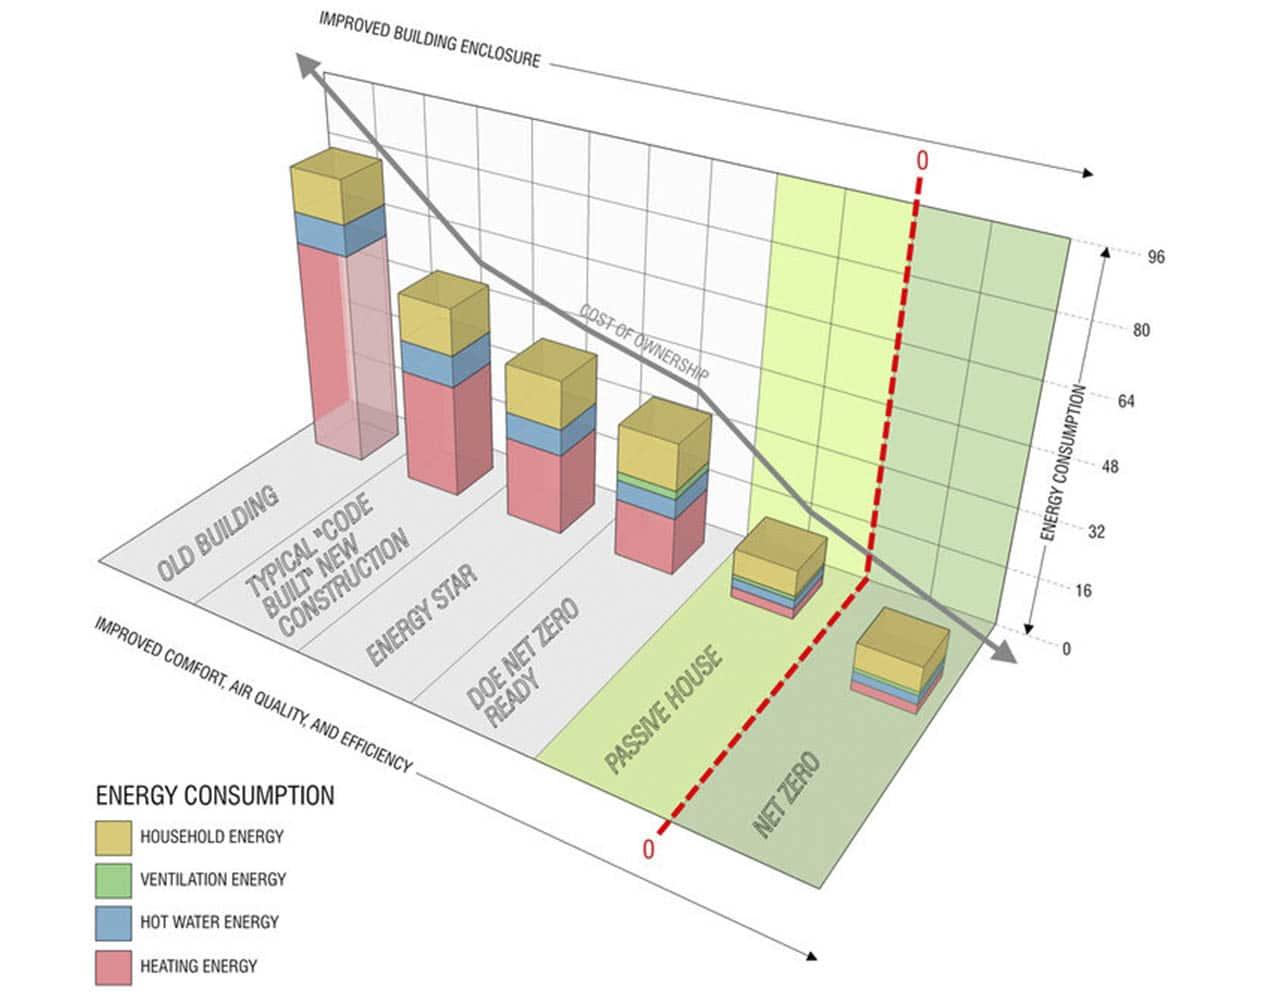 Рис. 1: Распределение строений по уровню потребления энергии